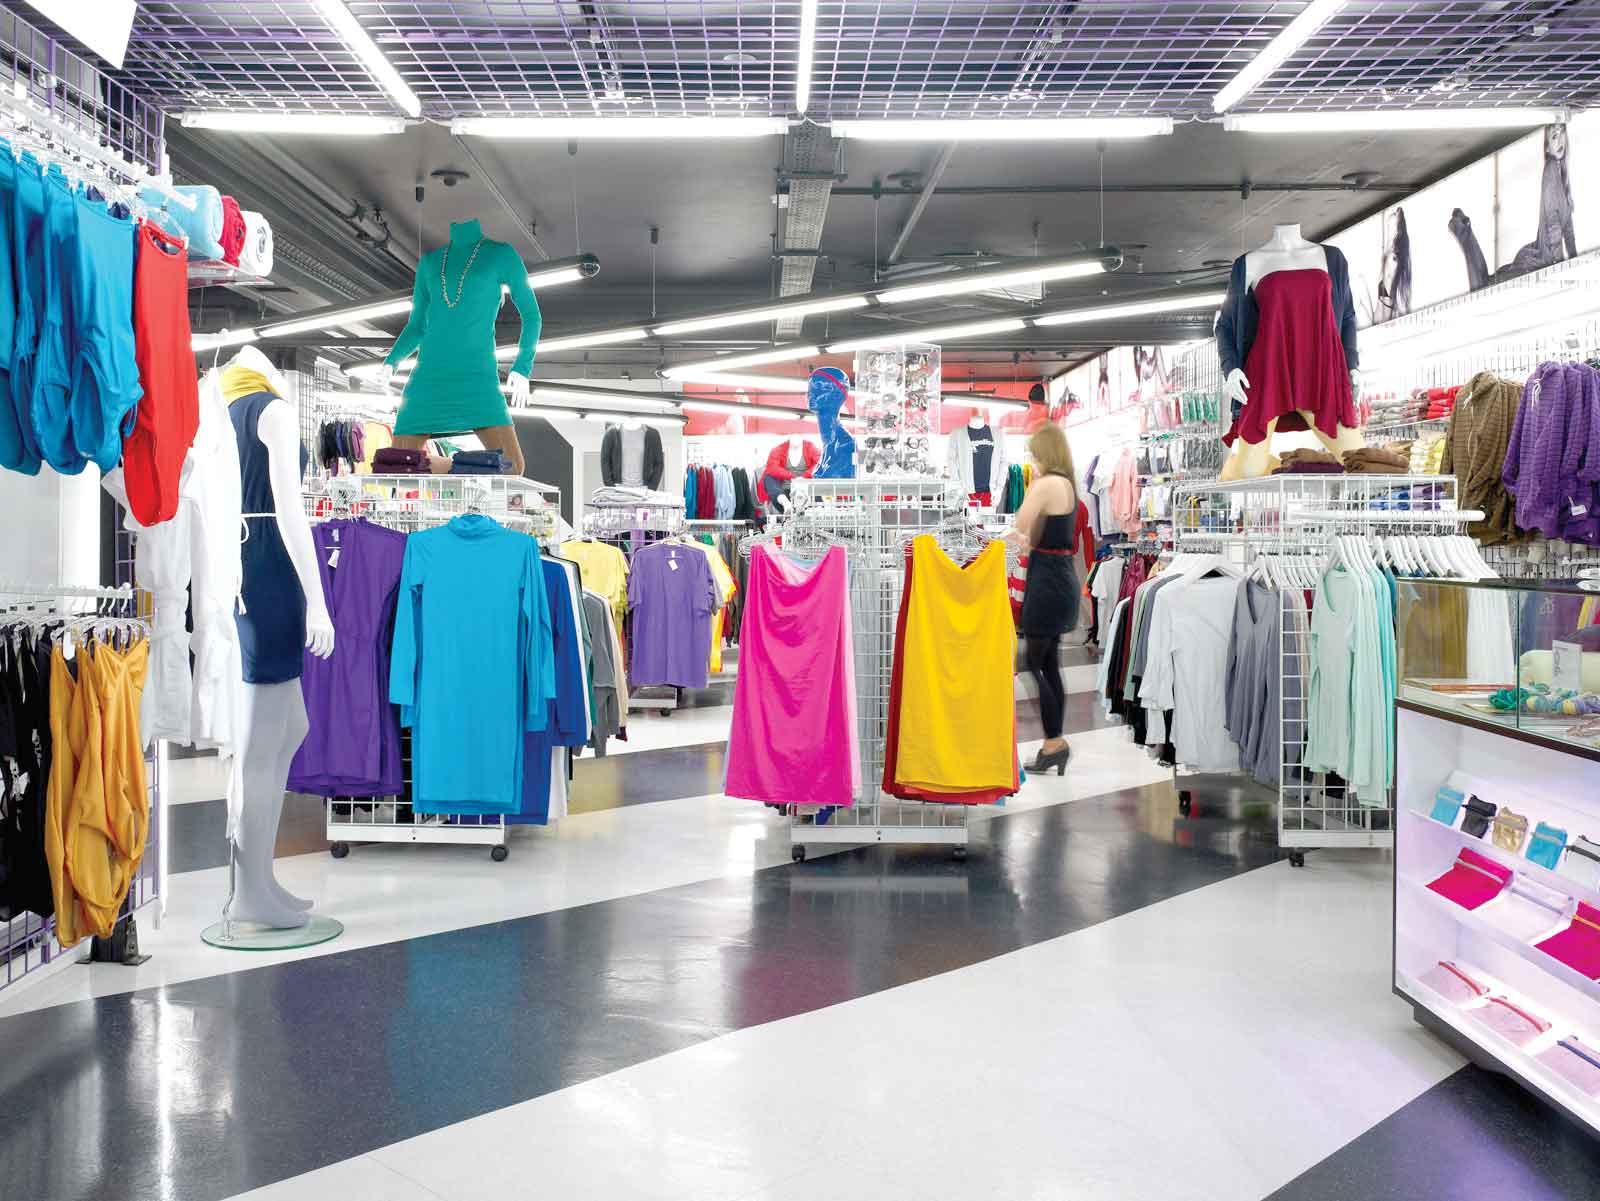 Tekstilde daha çok teknoloji daha az işgücü dönemi başladı